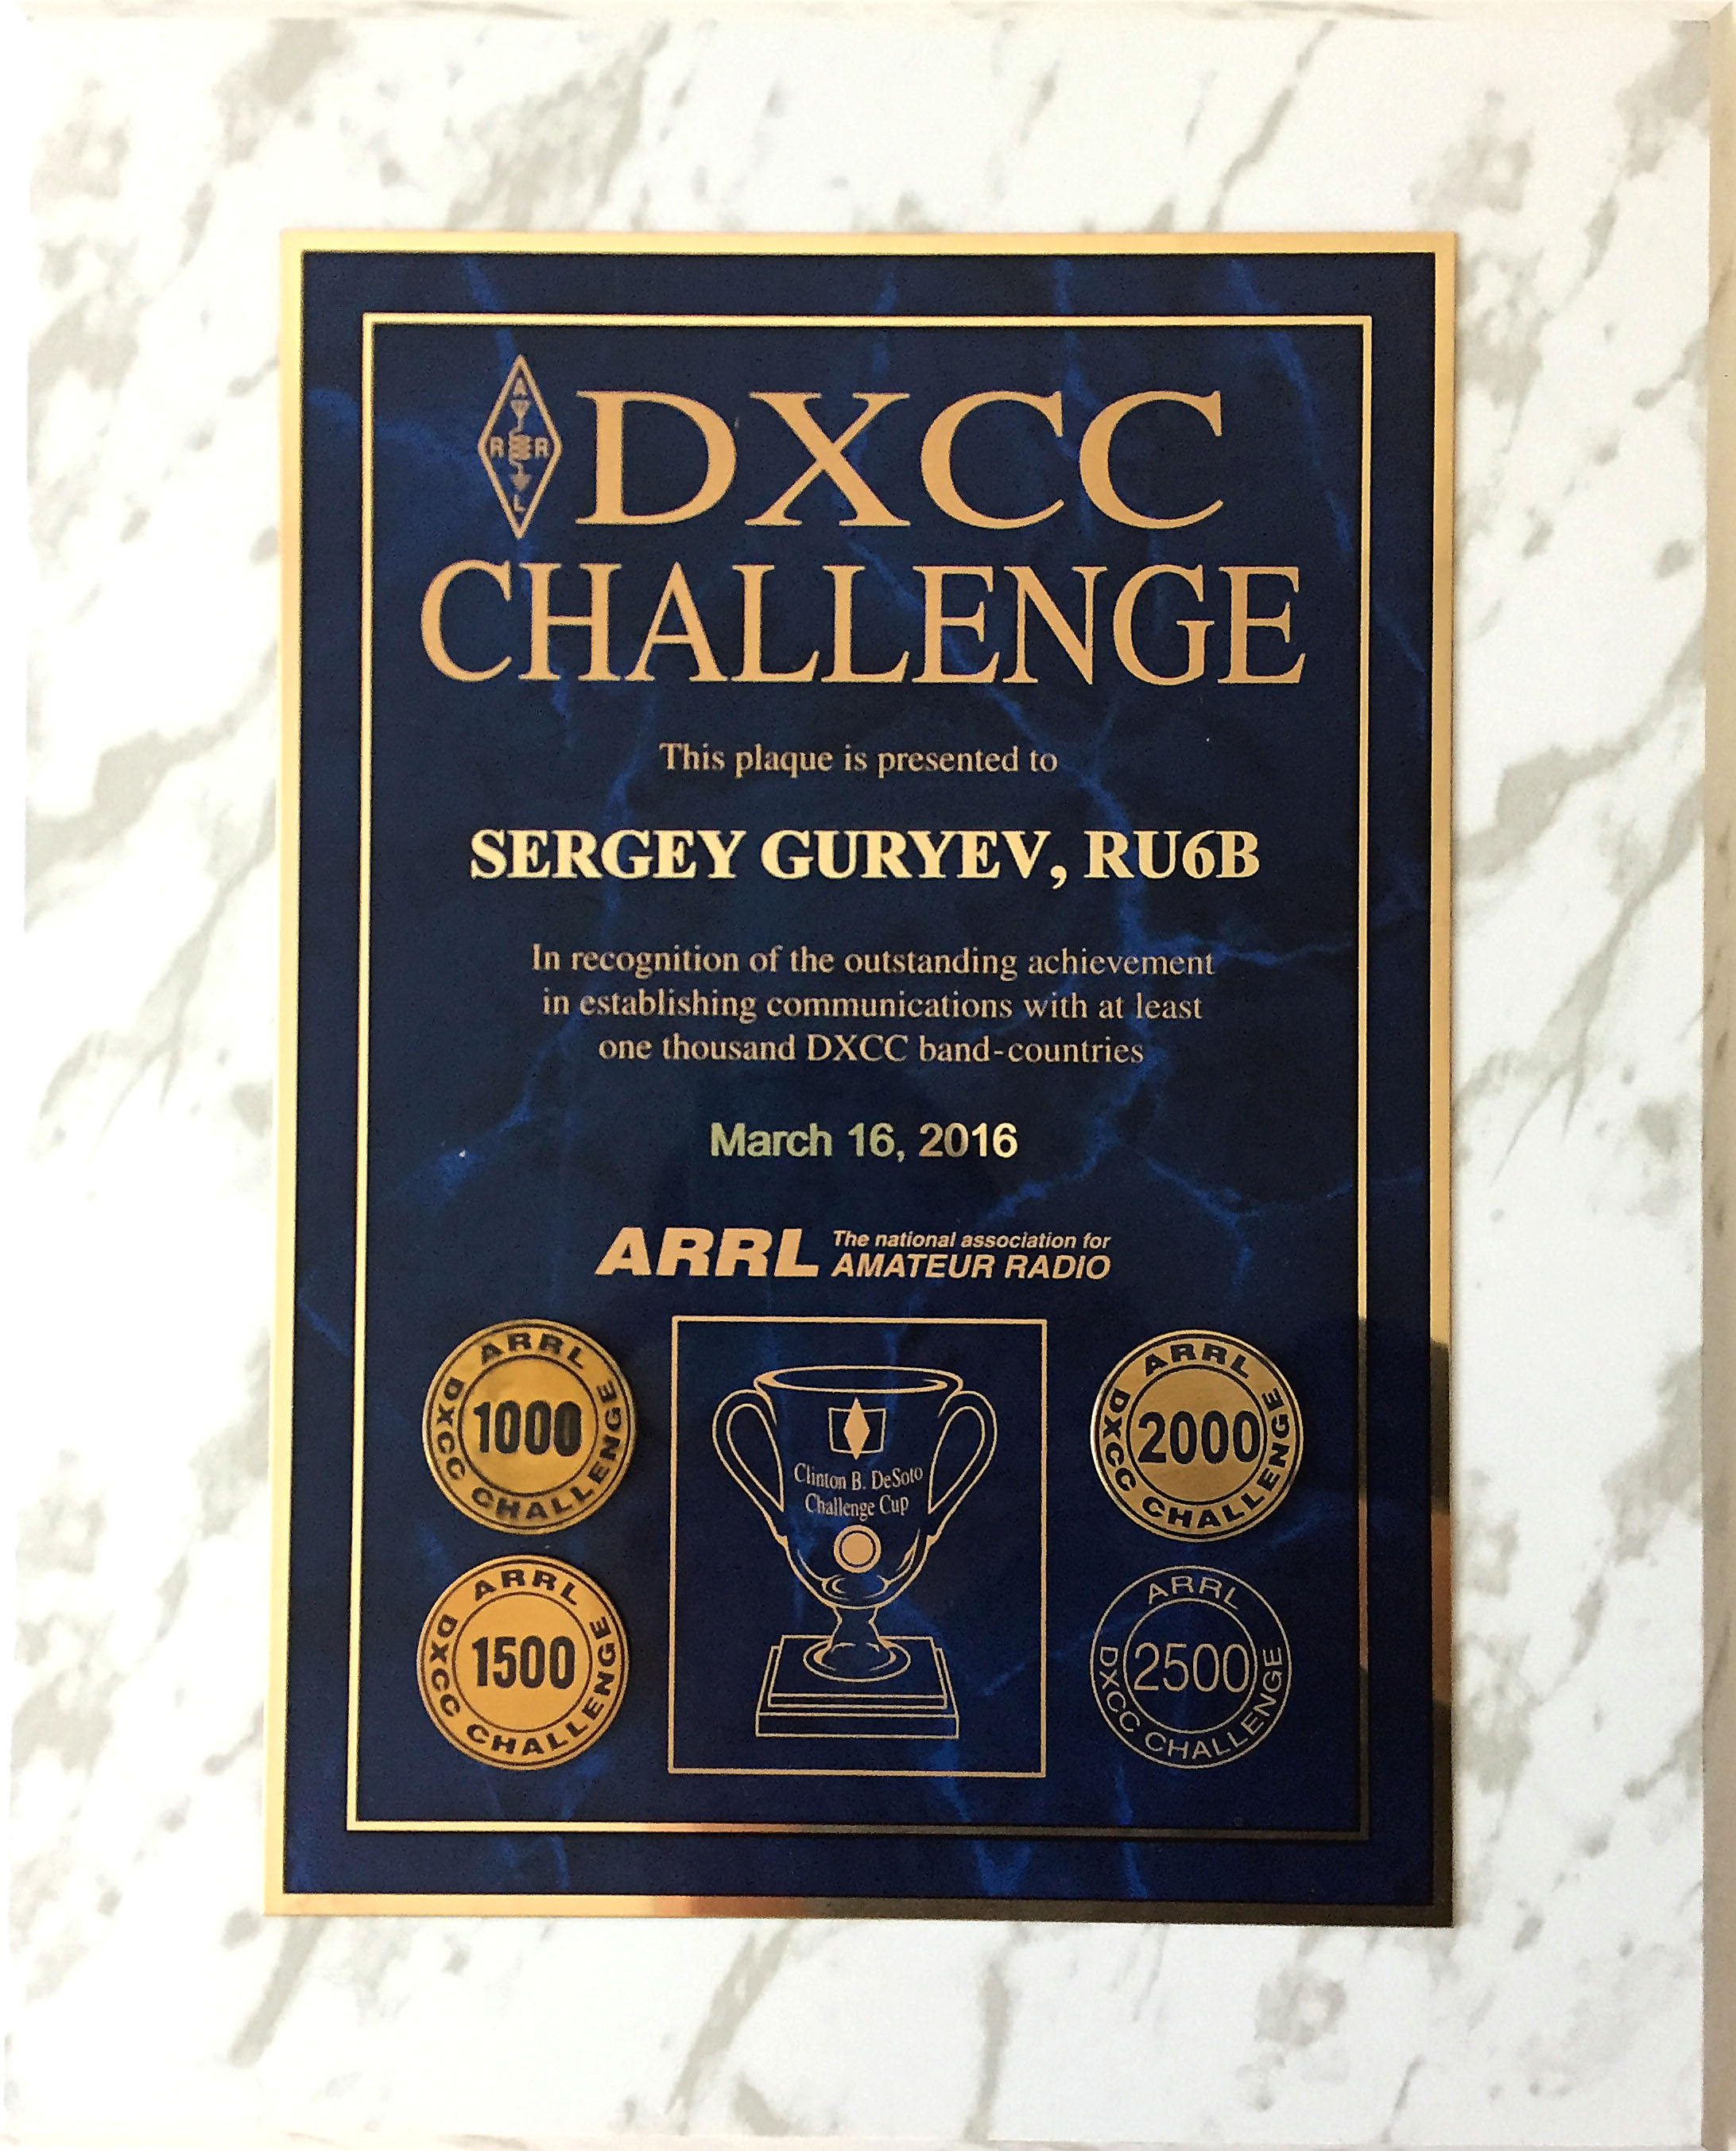 Нажмите на изображение для увеличения.  Название:DXCC-20180916-2000Challenge.JPG Просмотров:9 Размер:763.1 Кб ID:218429